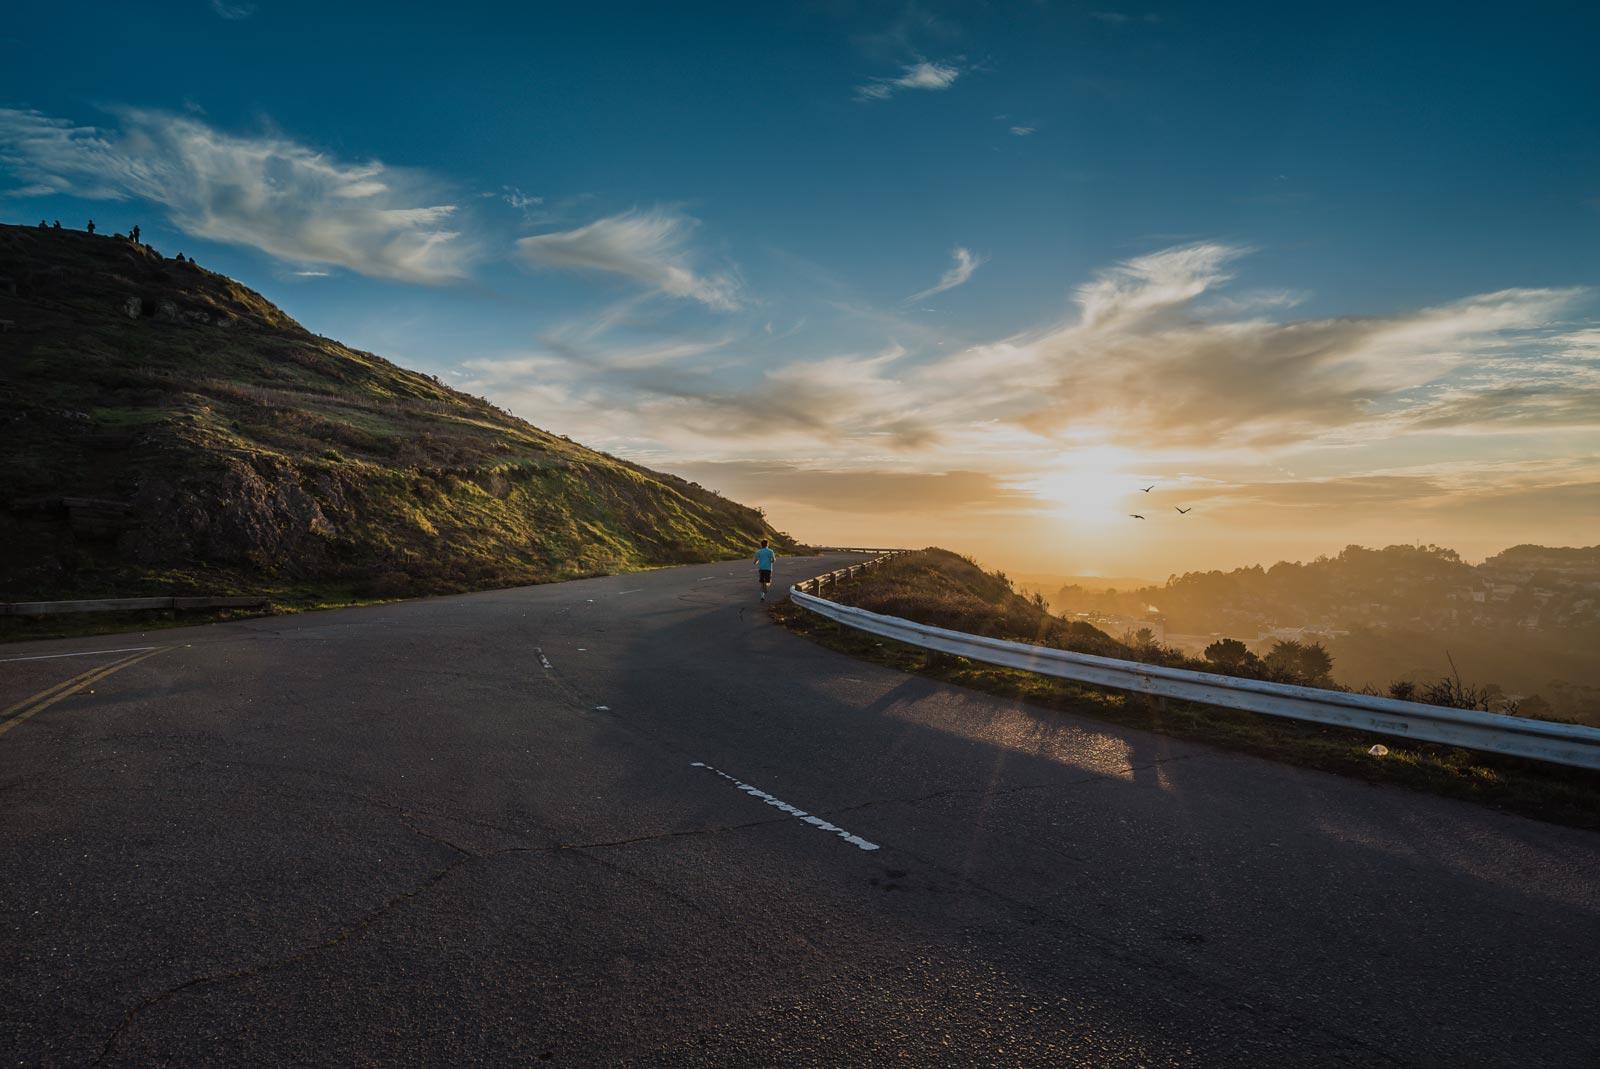 road-dawn-mountains-sky-darken